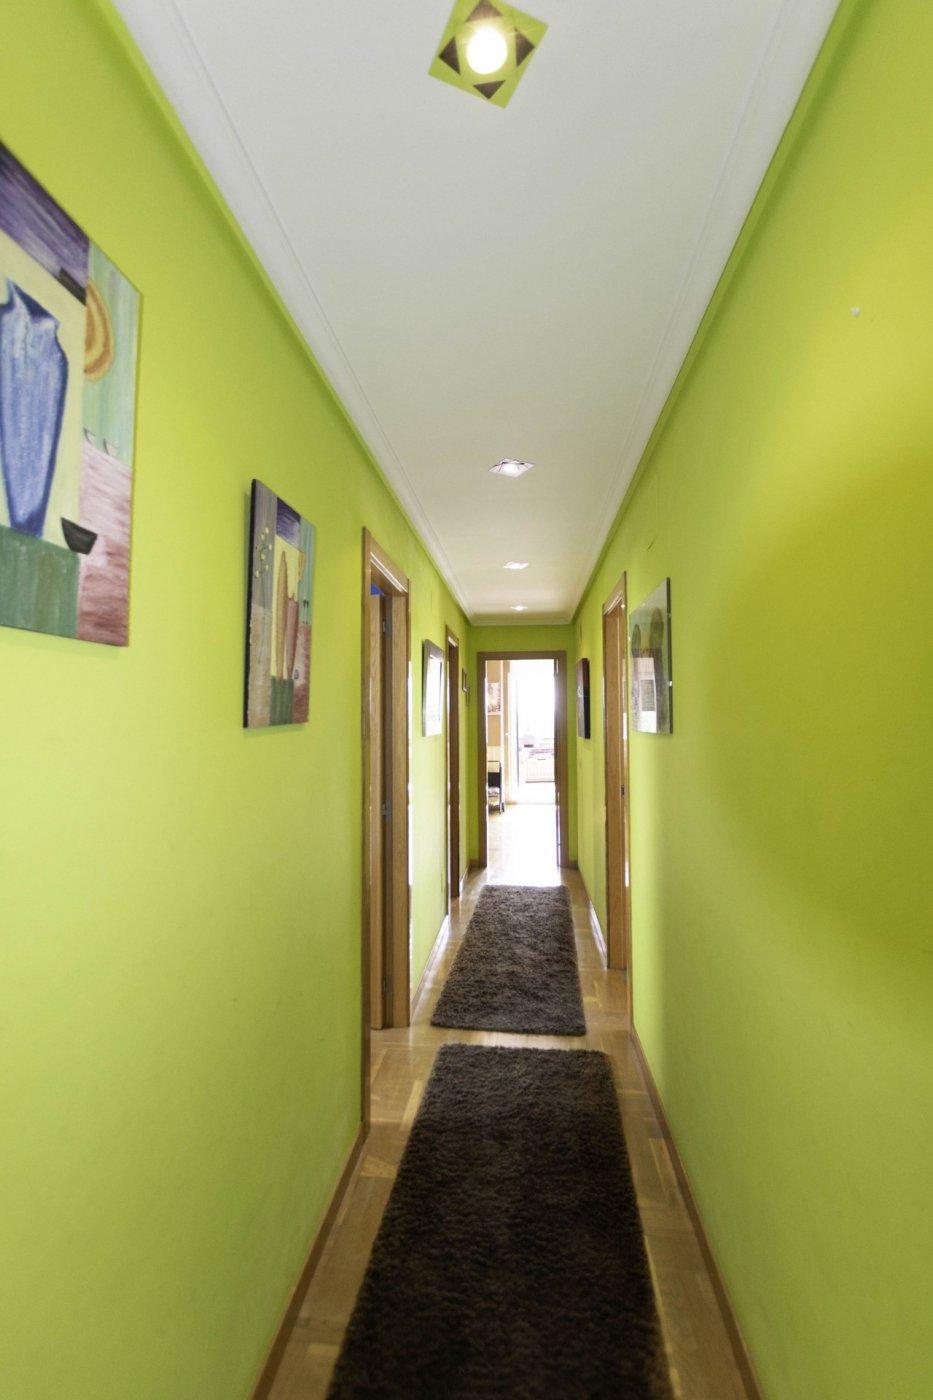 Ático con terraza de 11 m2, a 2 km de salinas - imagenInmueble24